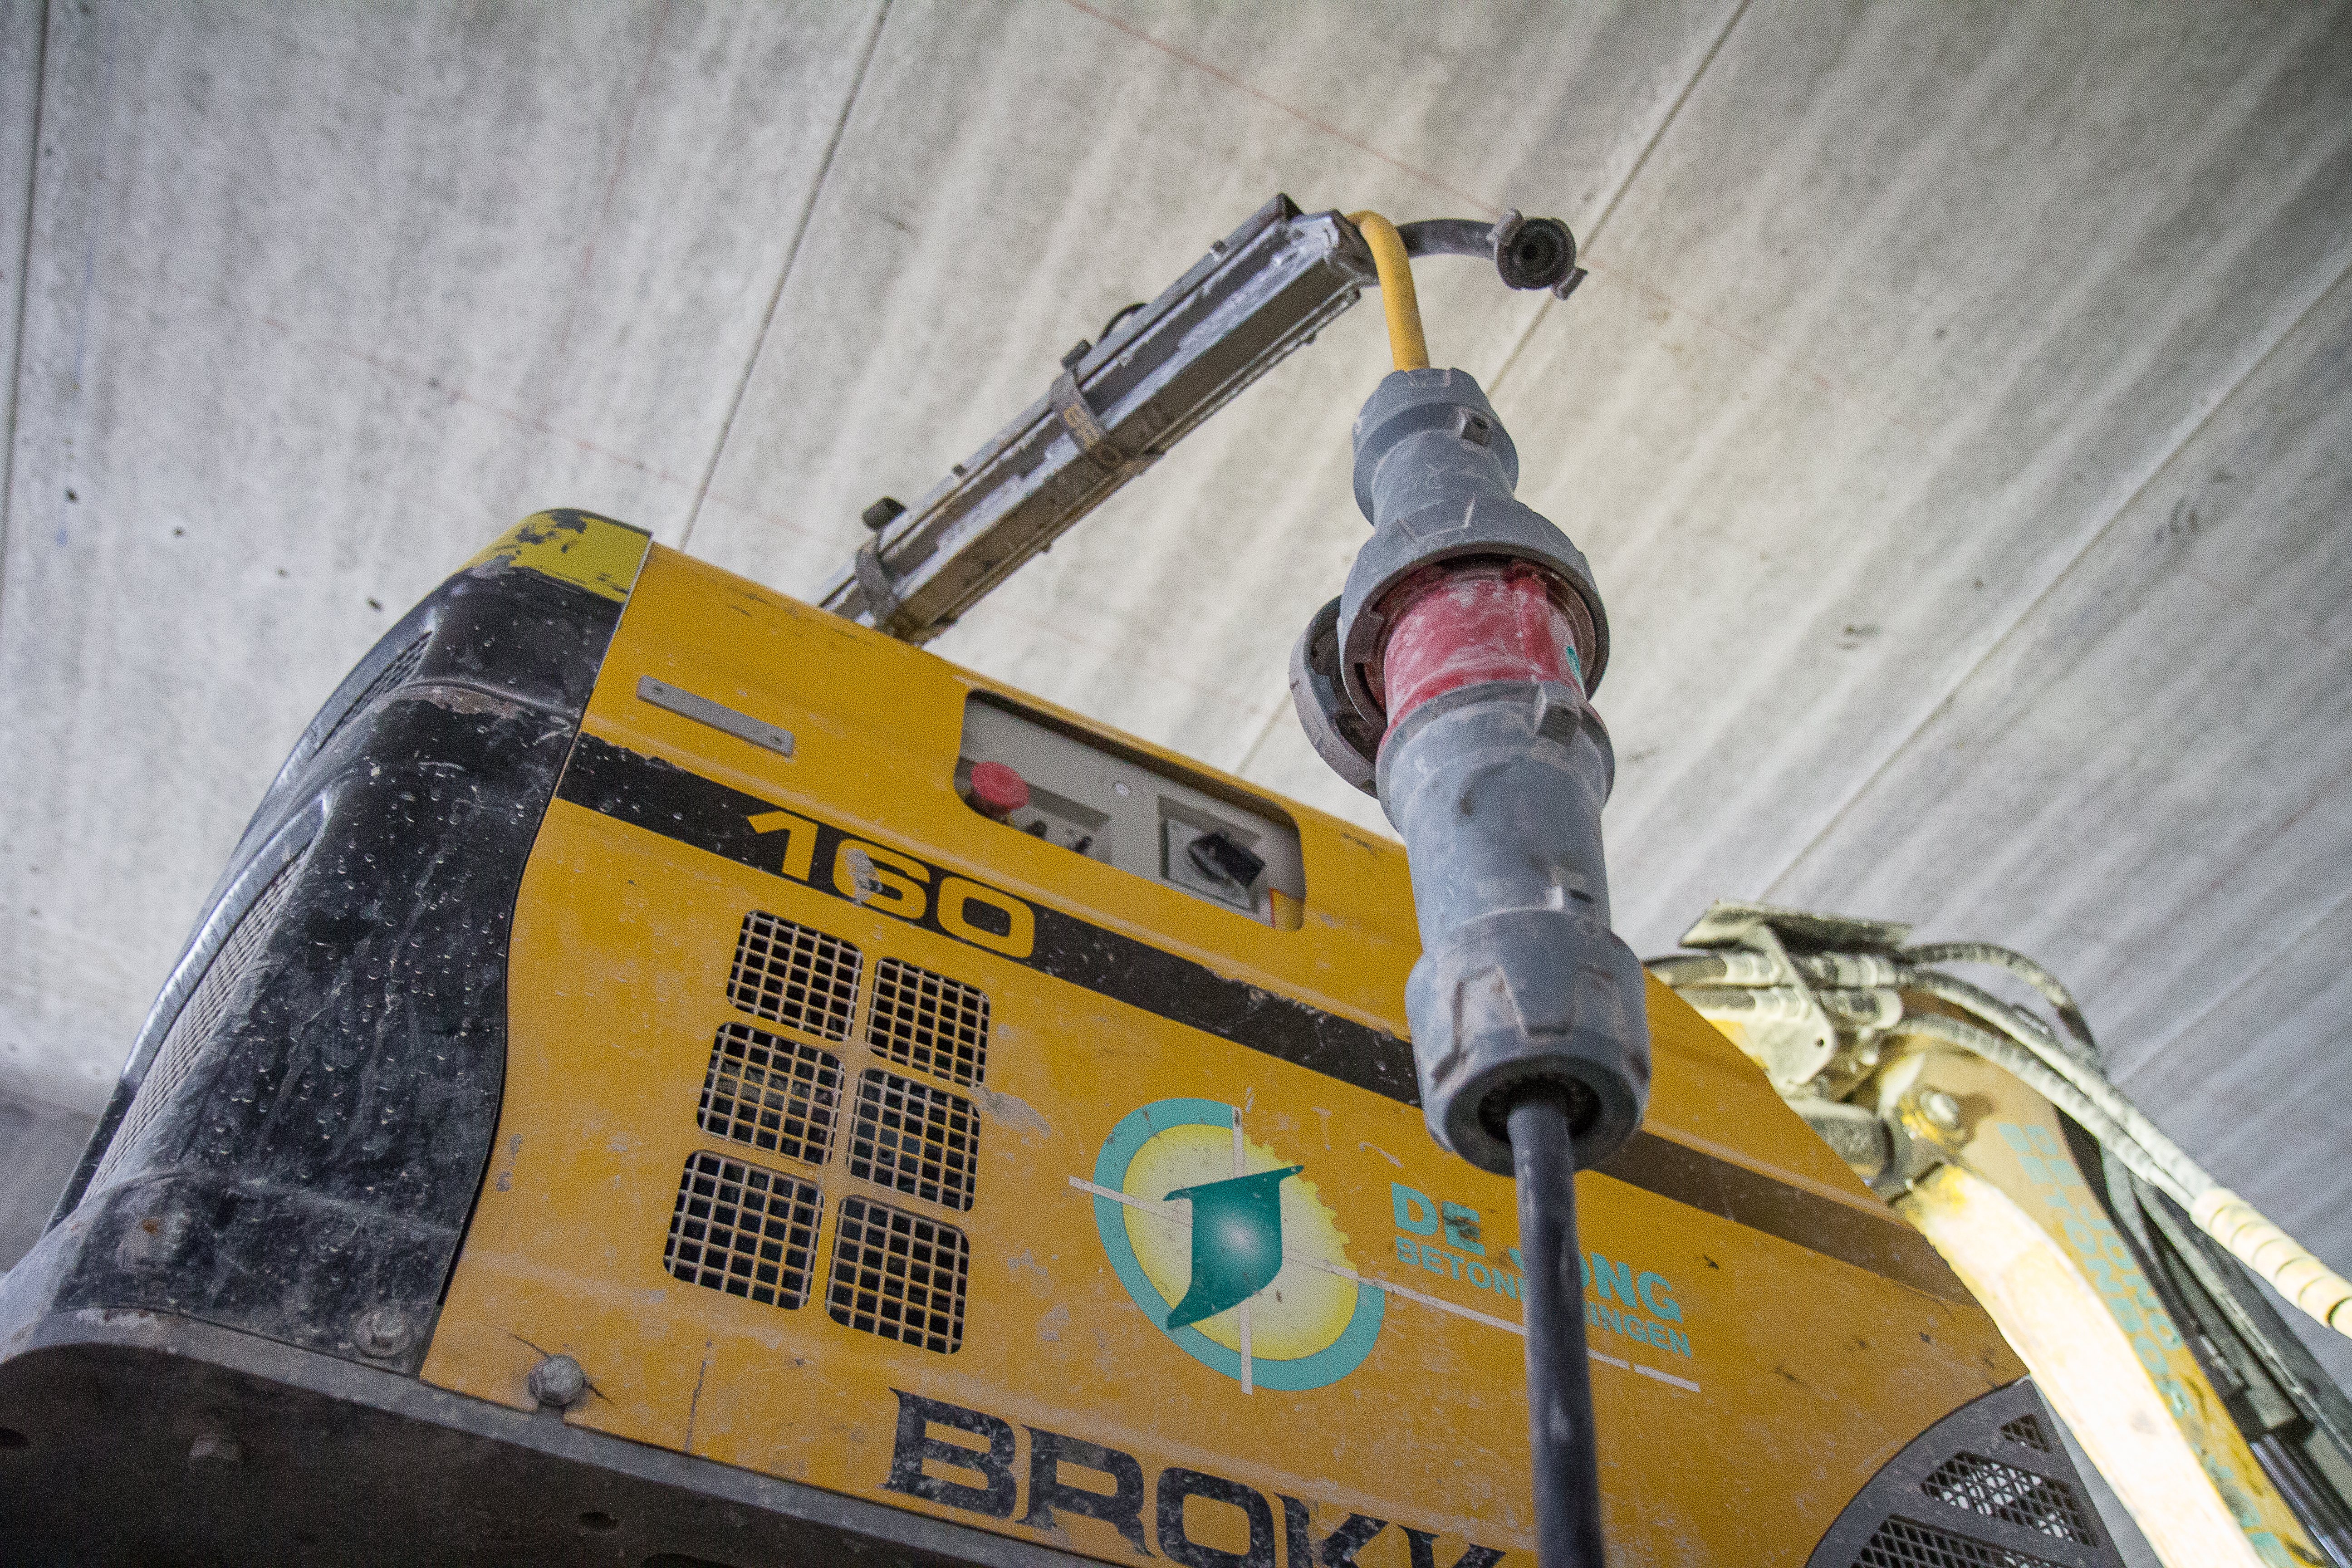 <p>Deze Brokk 160 werkt volledig elektrisch. Dat is niet alleen handig voor het werk binnen, het bespaart ook een hoop gewicht.</p>